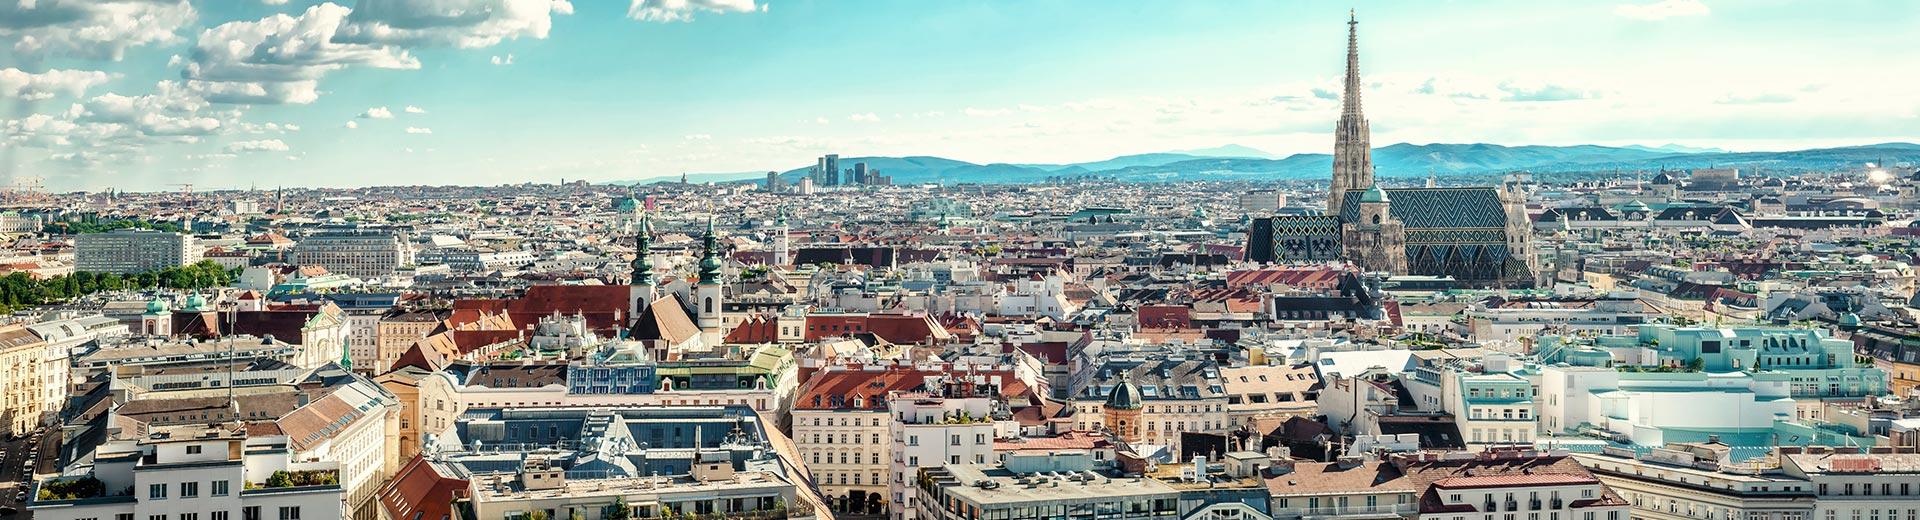 Voyage en groupe Vienne- offre confort vol